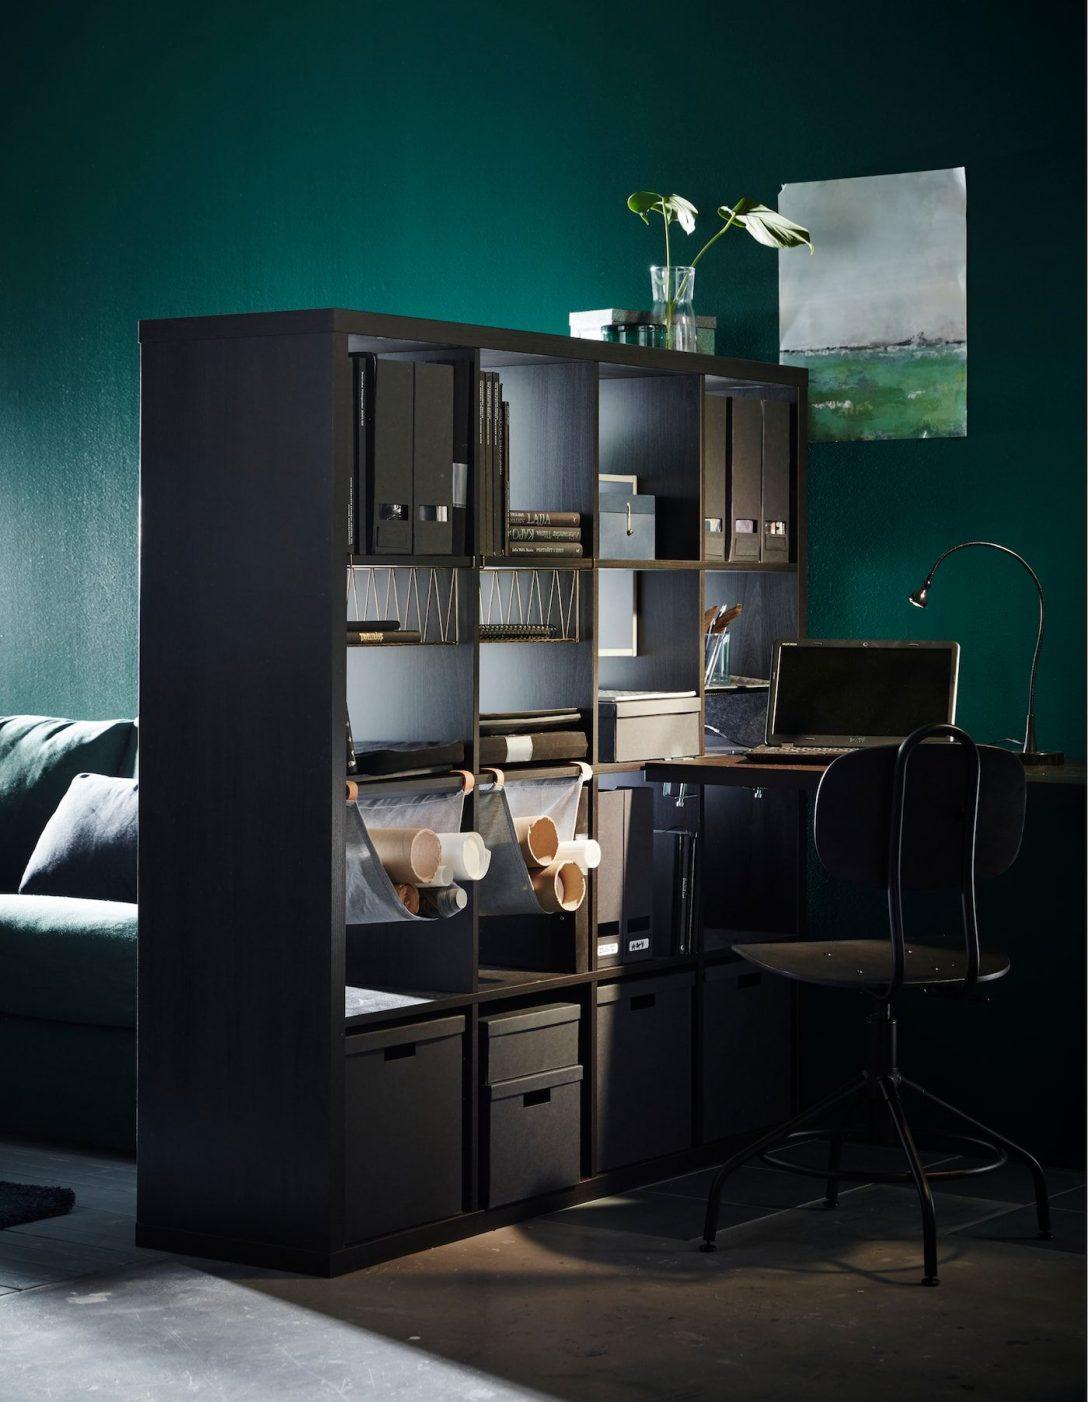 Large Size of Ikea Sofa Mit Schlaffunktion Betten 160x200 Miniküche Raumteiler Regal Küche Kaufen Kosten Bei Modulküche Wohnzimmer Raumteiler Ikea